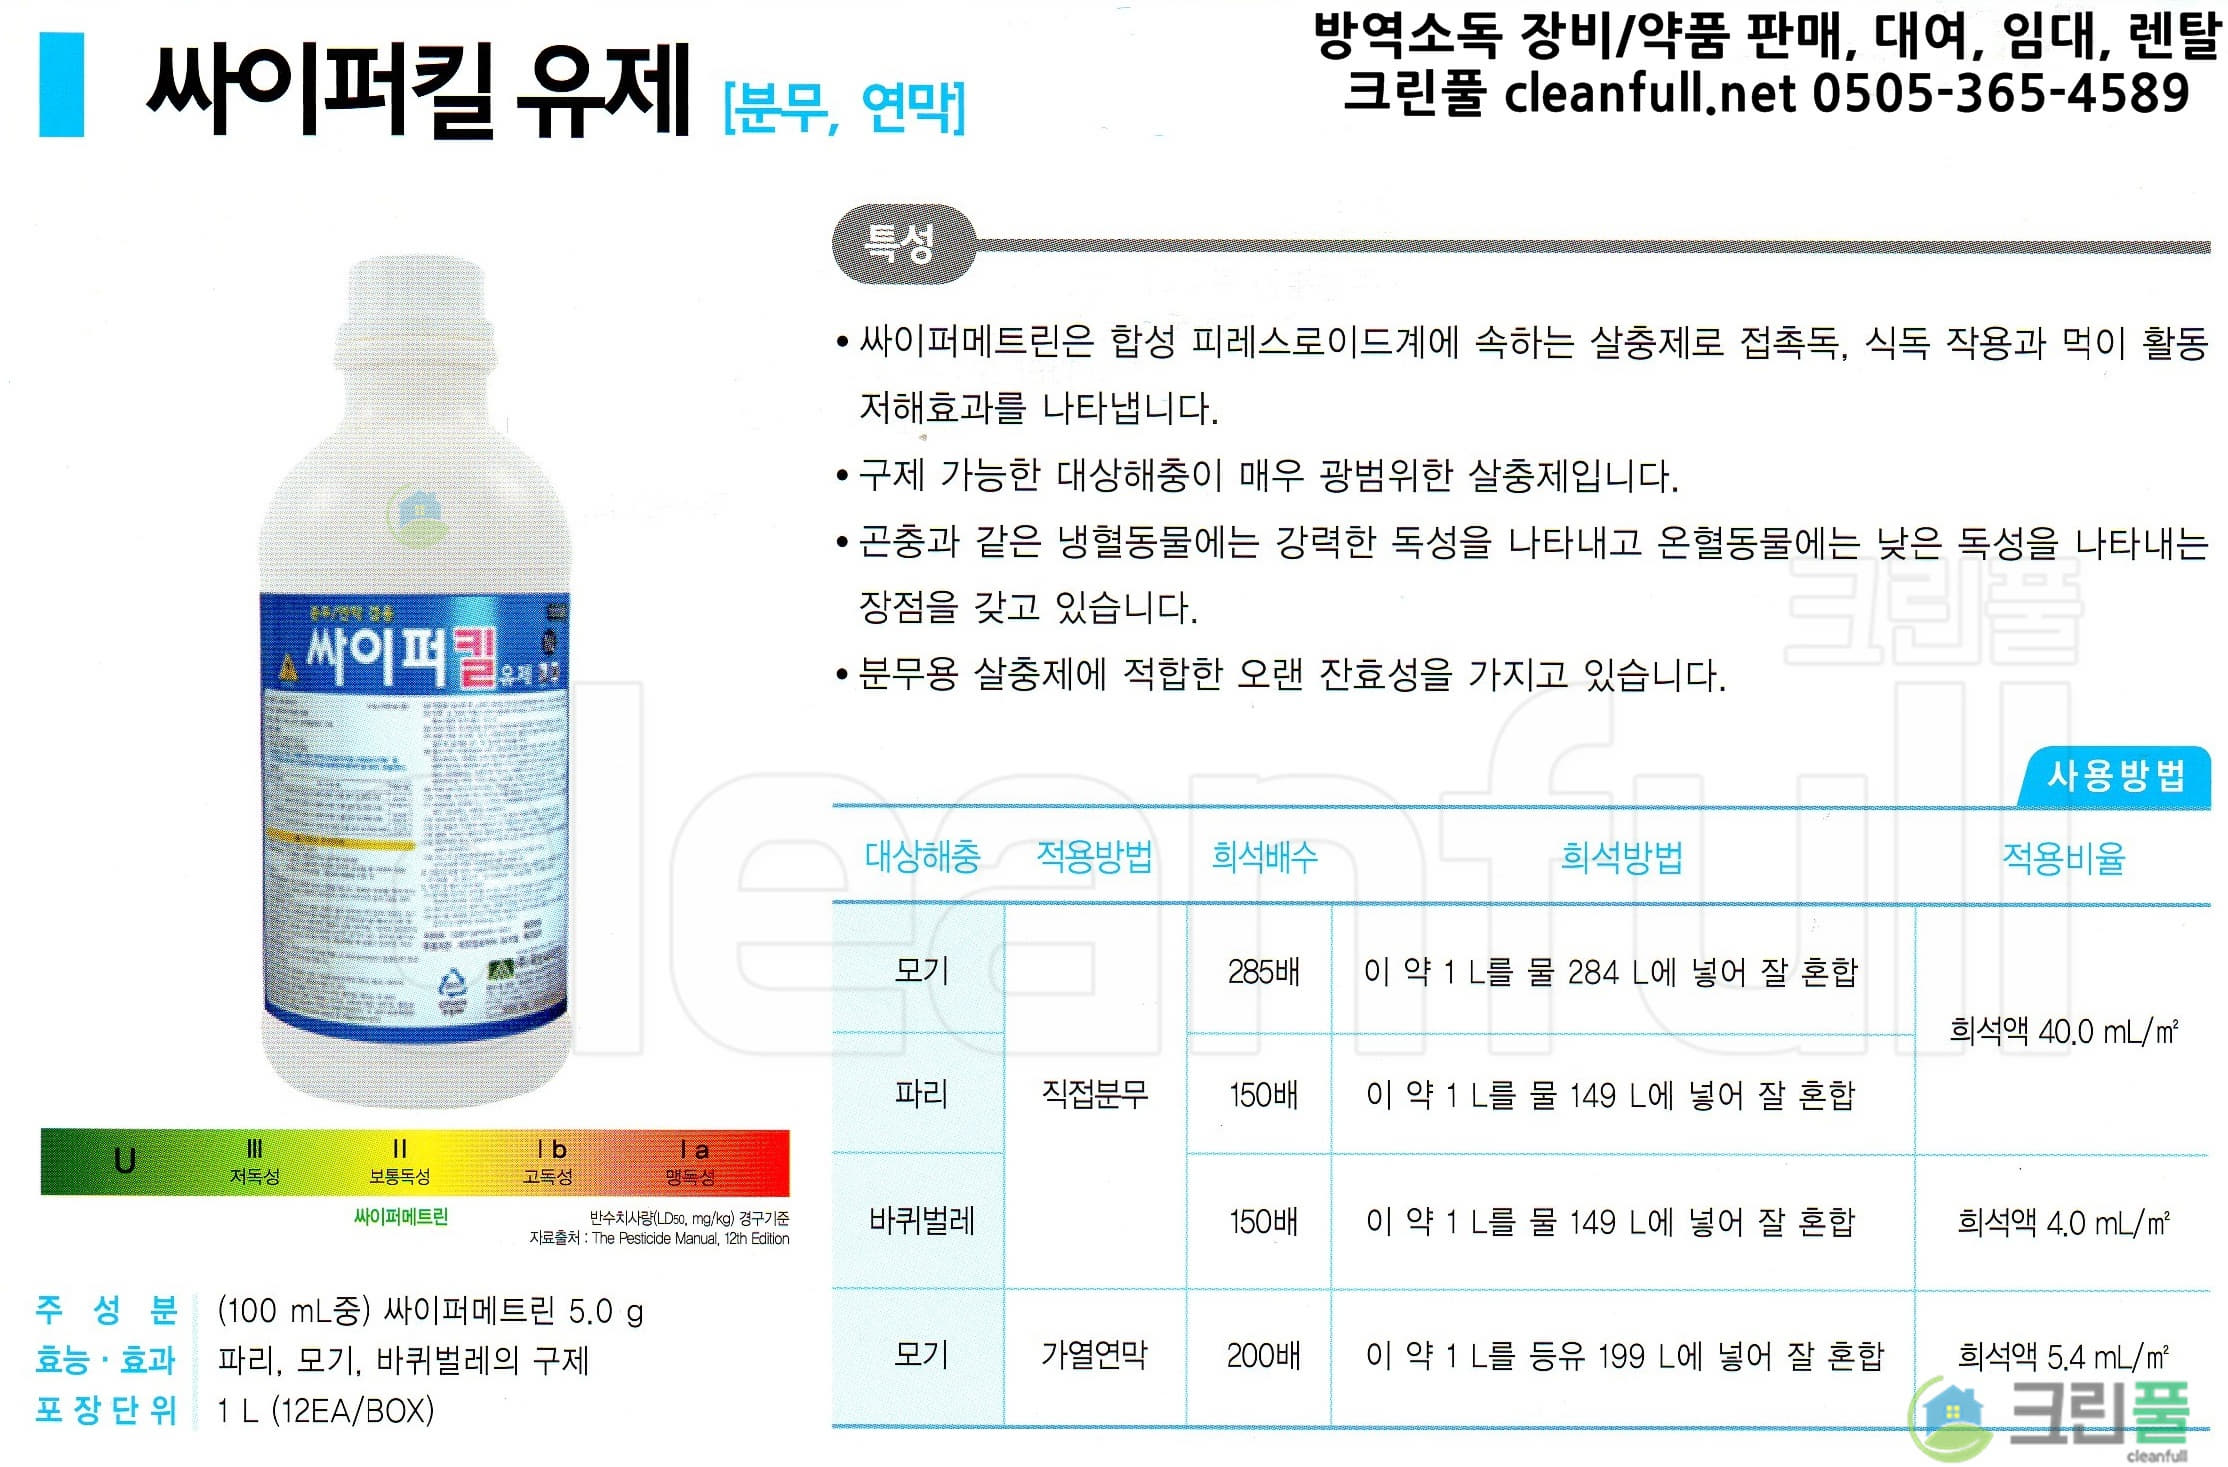 [카탈로그] 싸이퍼킬 유제 1L